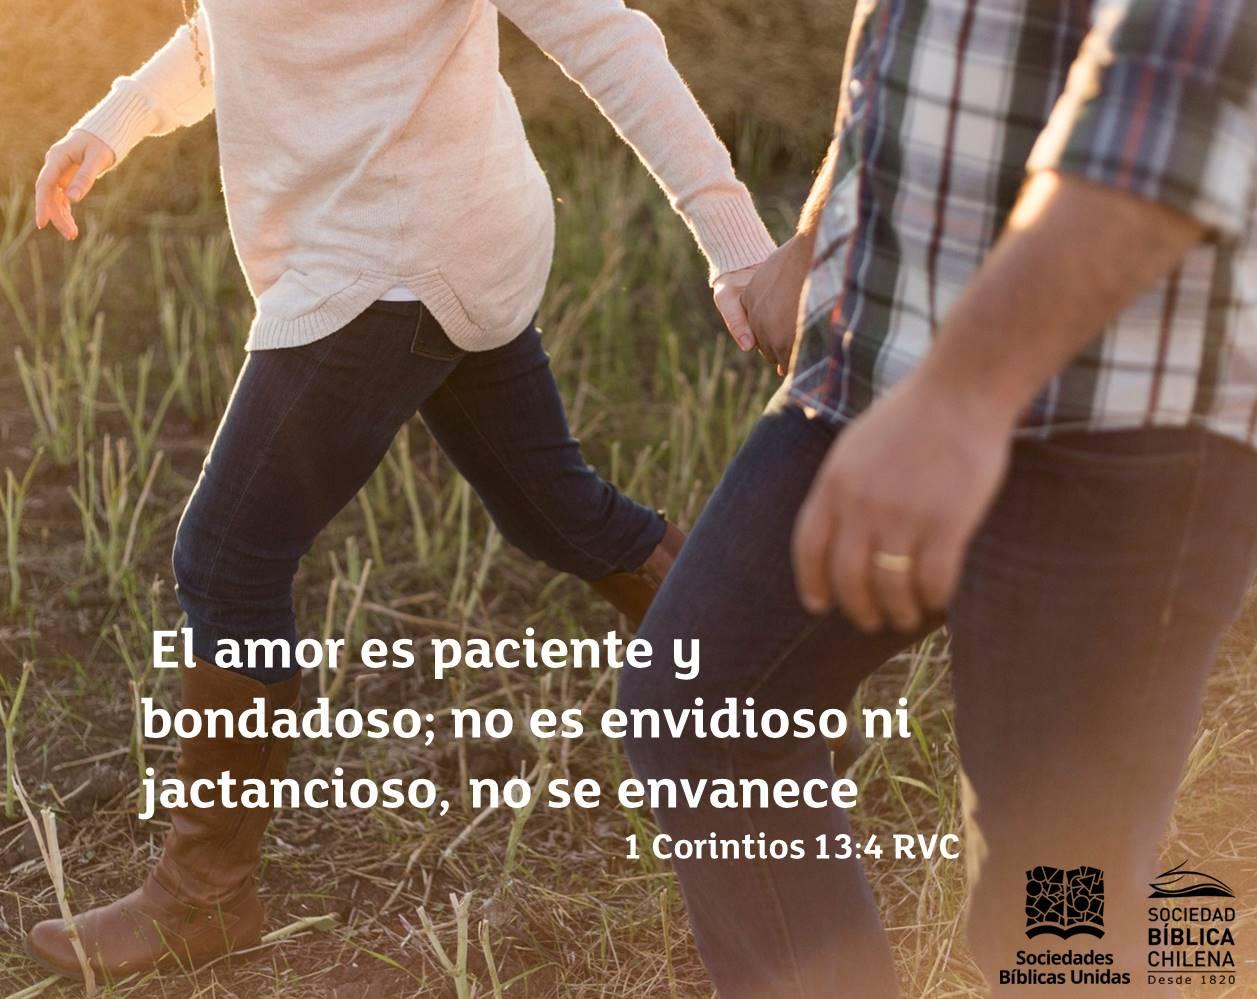 Por la mañana hazme saber de tu gran amor, porque en ti he puesto mi confianza. Versiculos Biblicos Para Tener Matrimonios Fuertes Y Saludables Sociedad Biblica Chilena